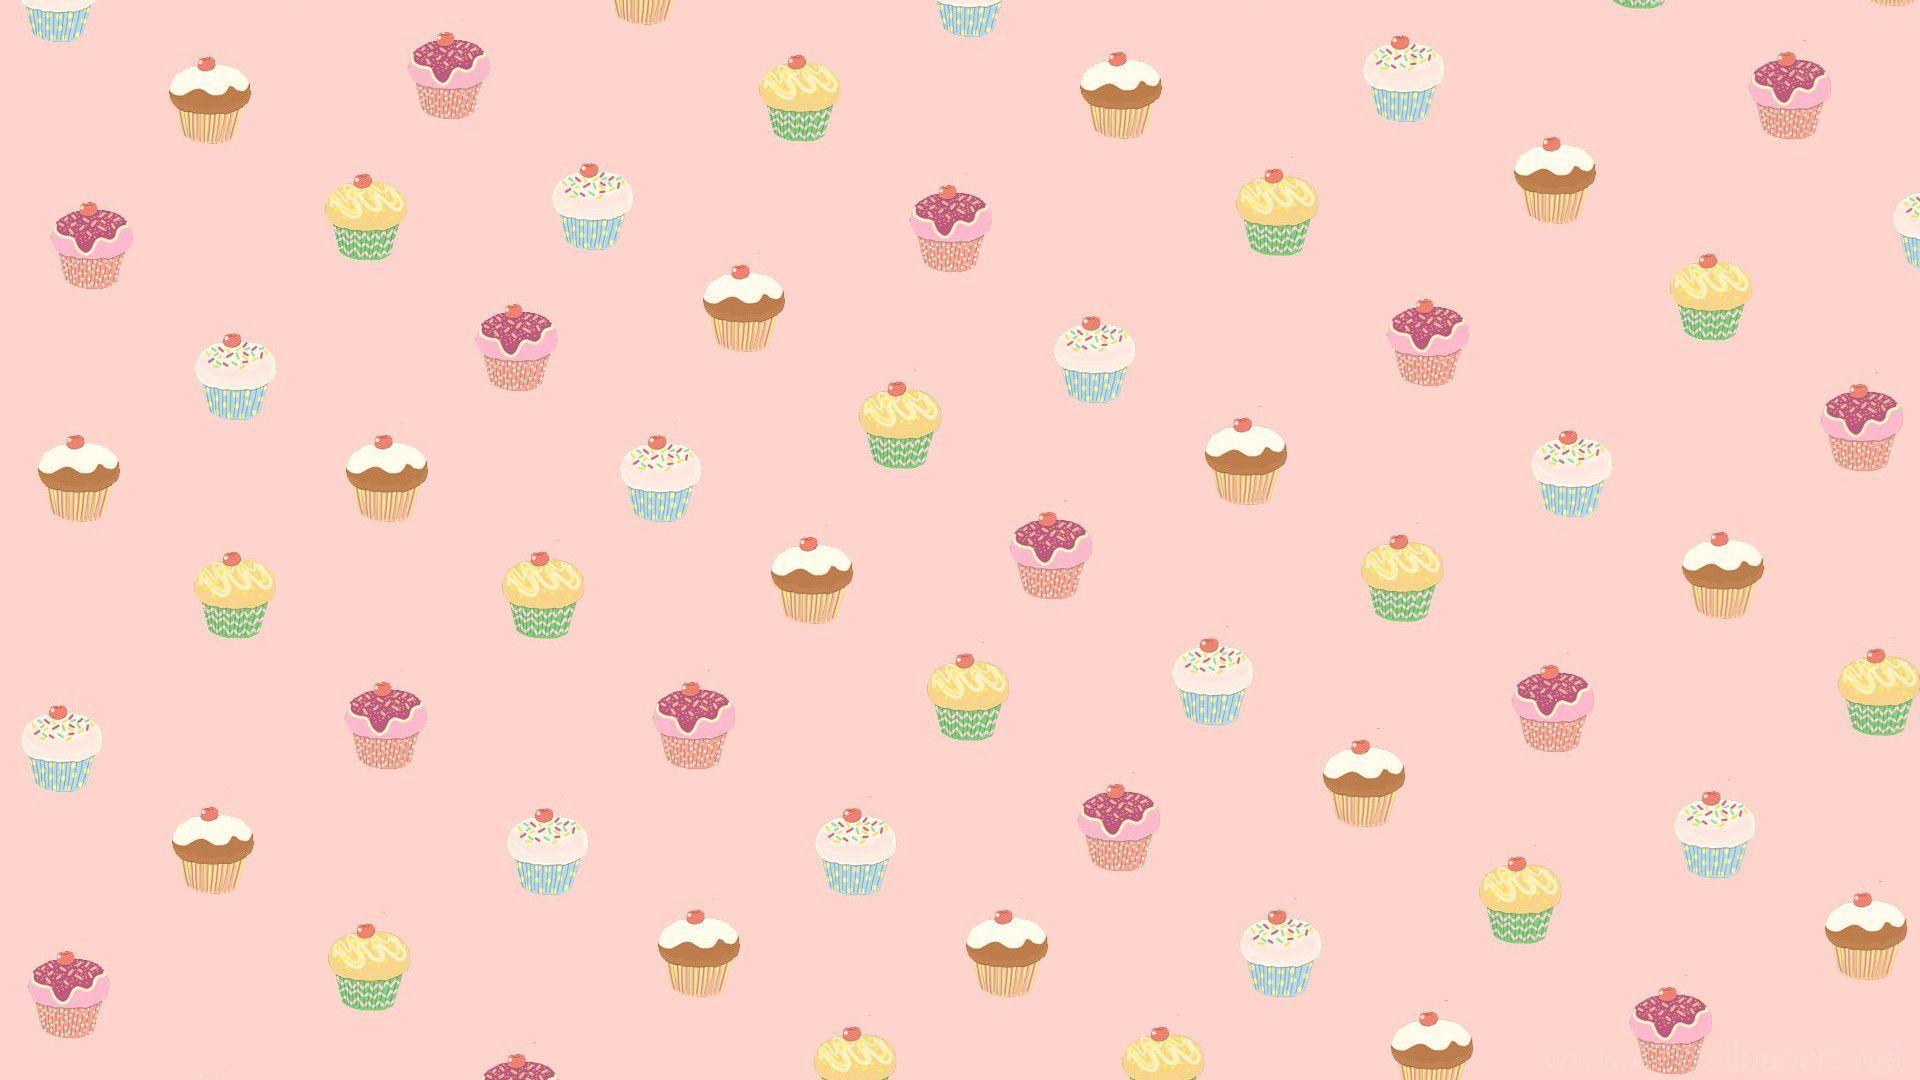 67 Best Free Cute Cupcake Wallpapers